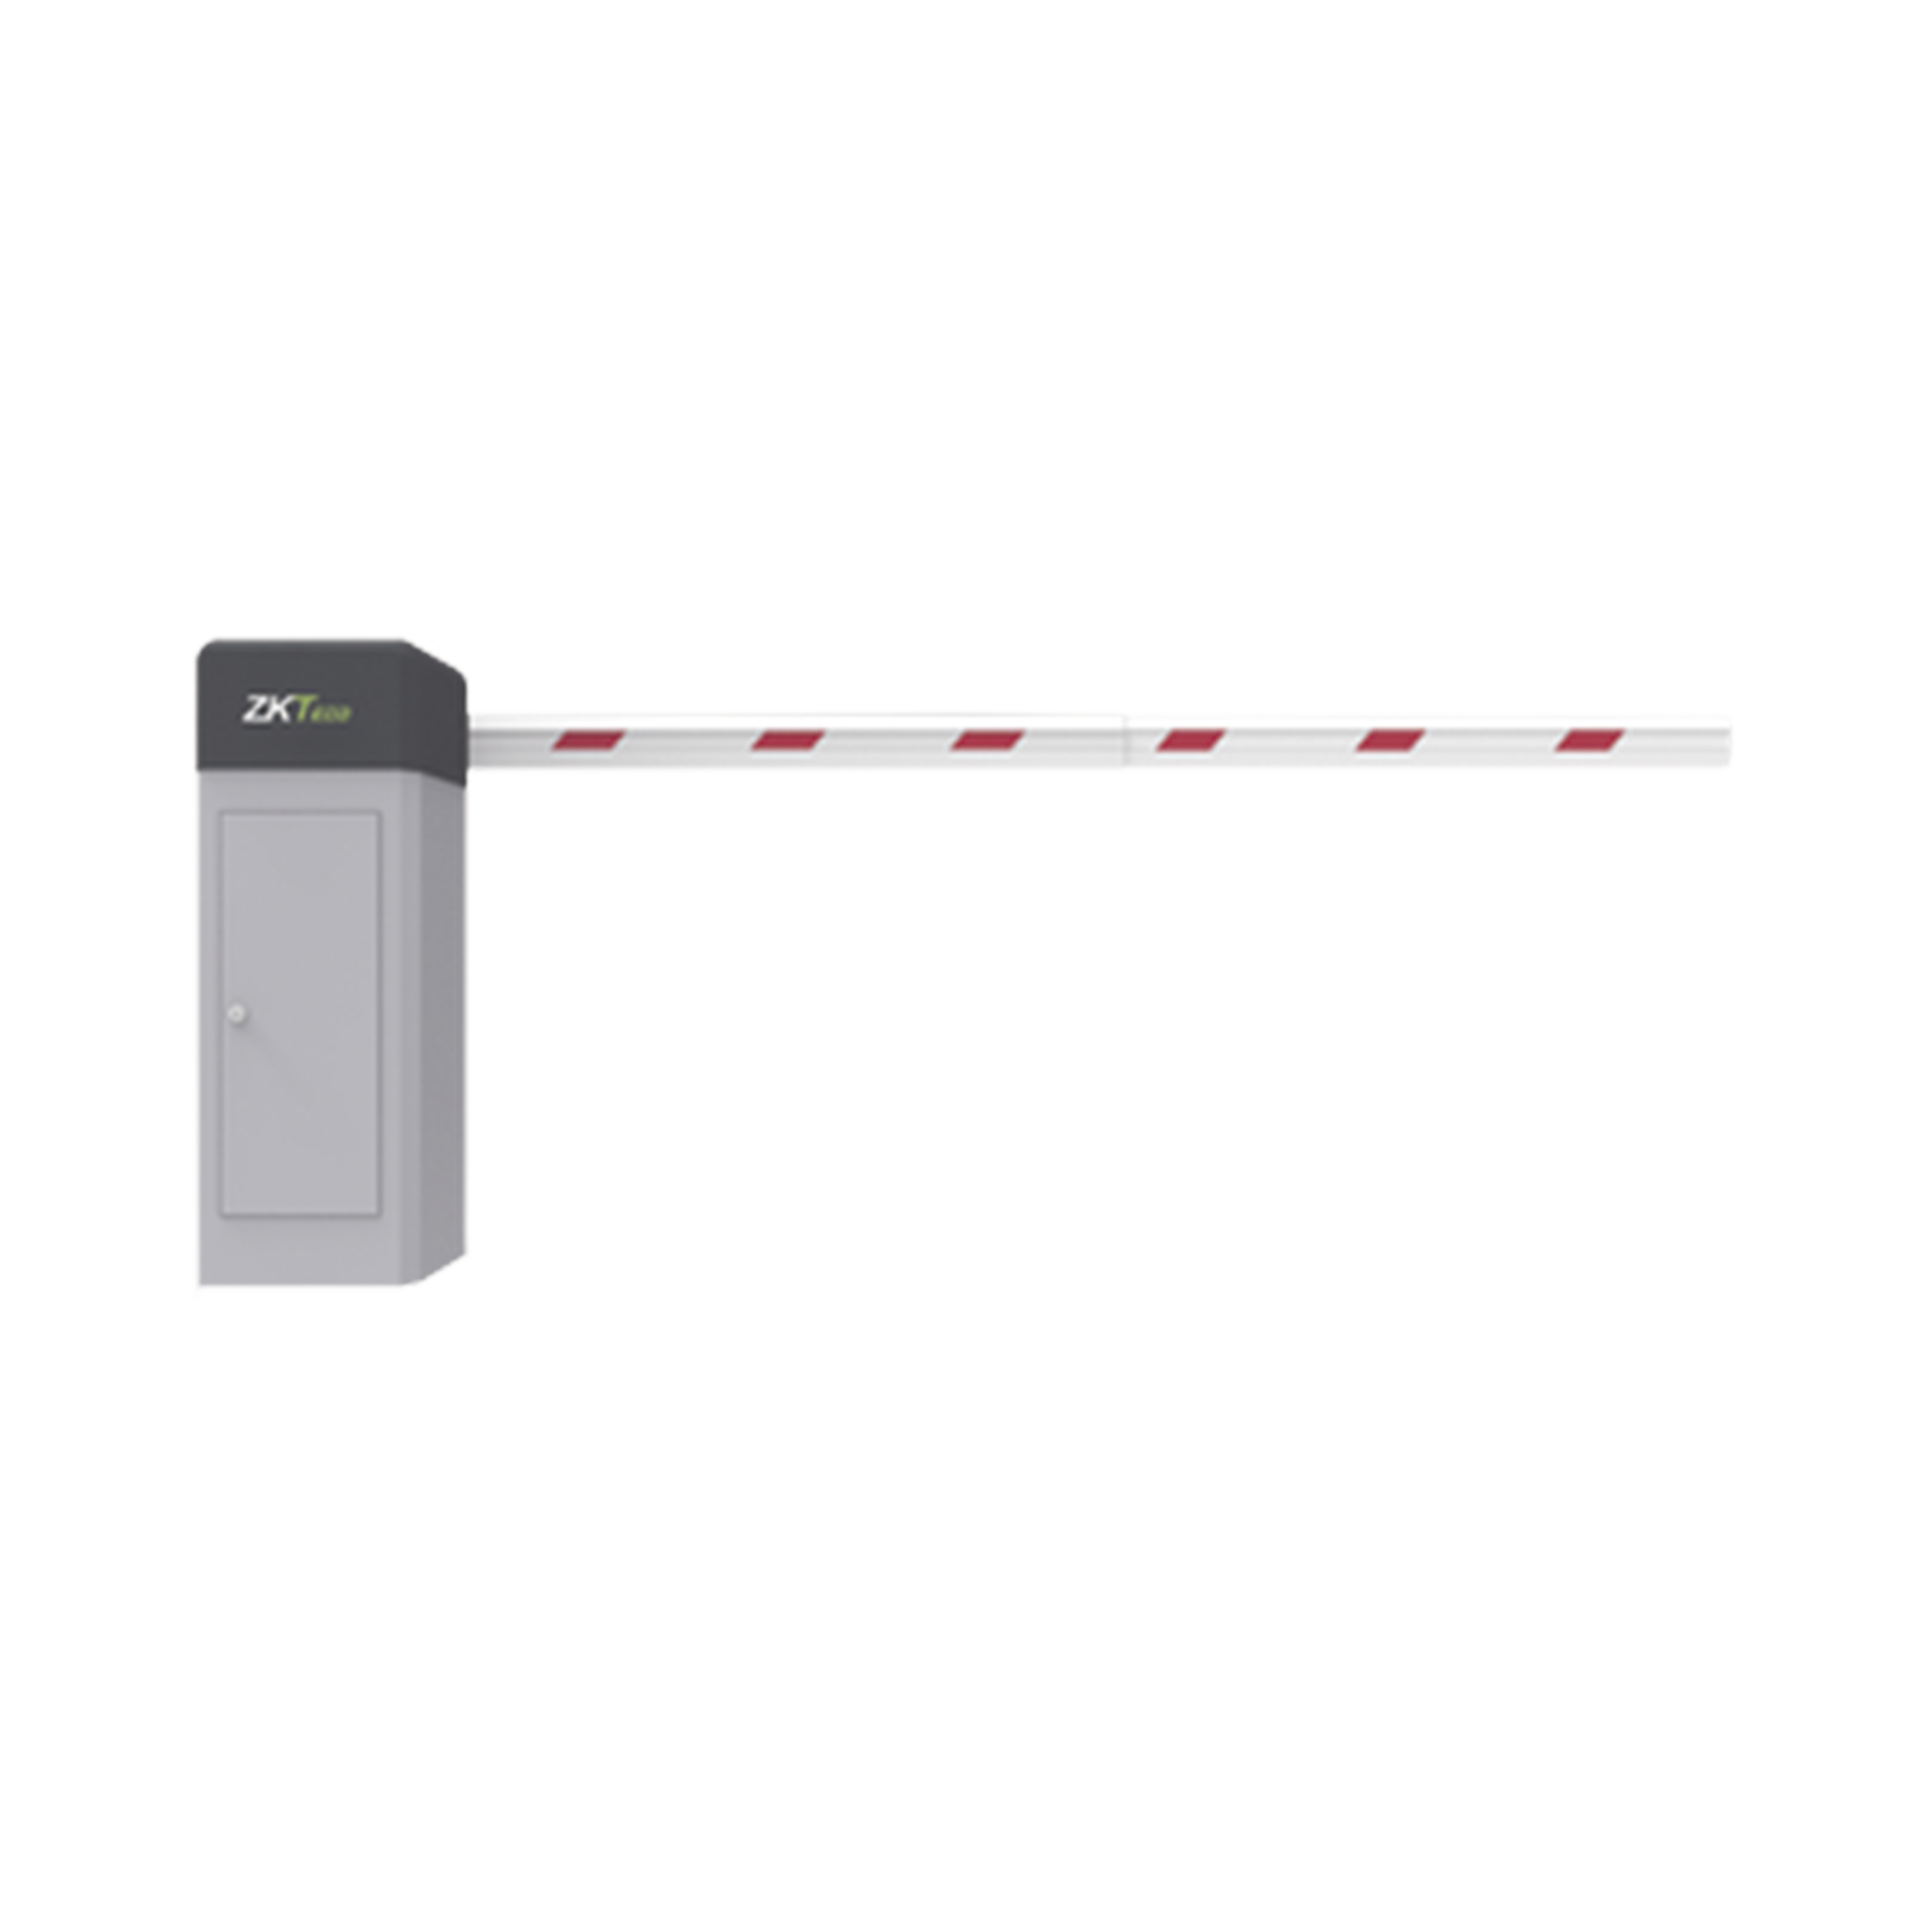 Barrera vehicular IZQUIERDA con brazo ajustable a 4 mts / 3 segundos en apertura / INCLUYE BRAZO